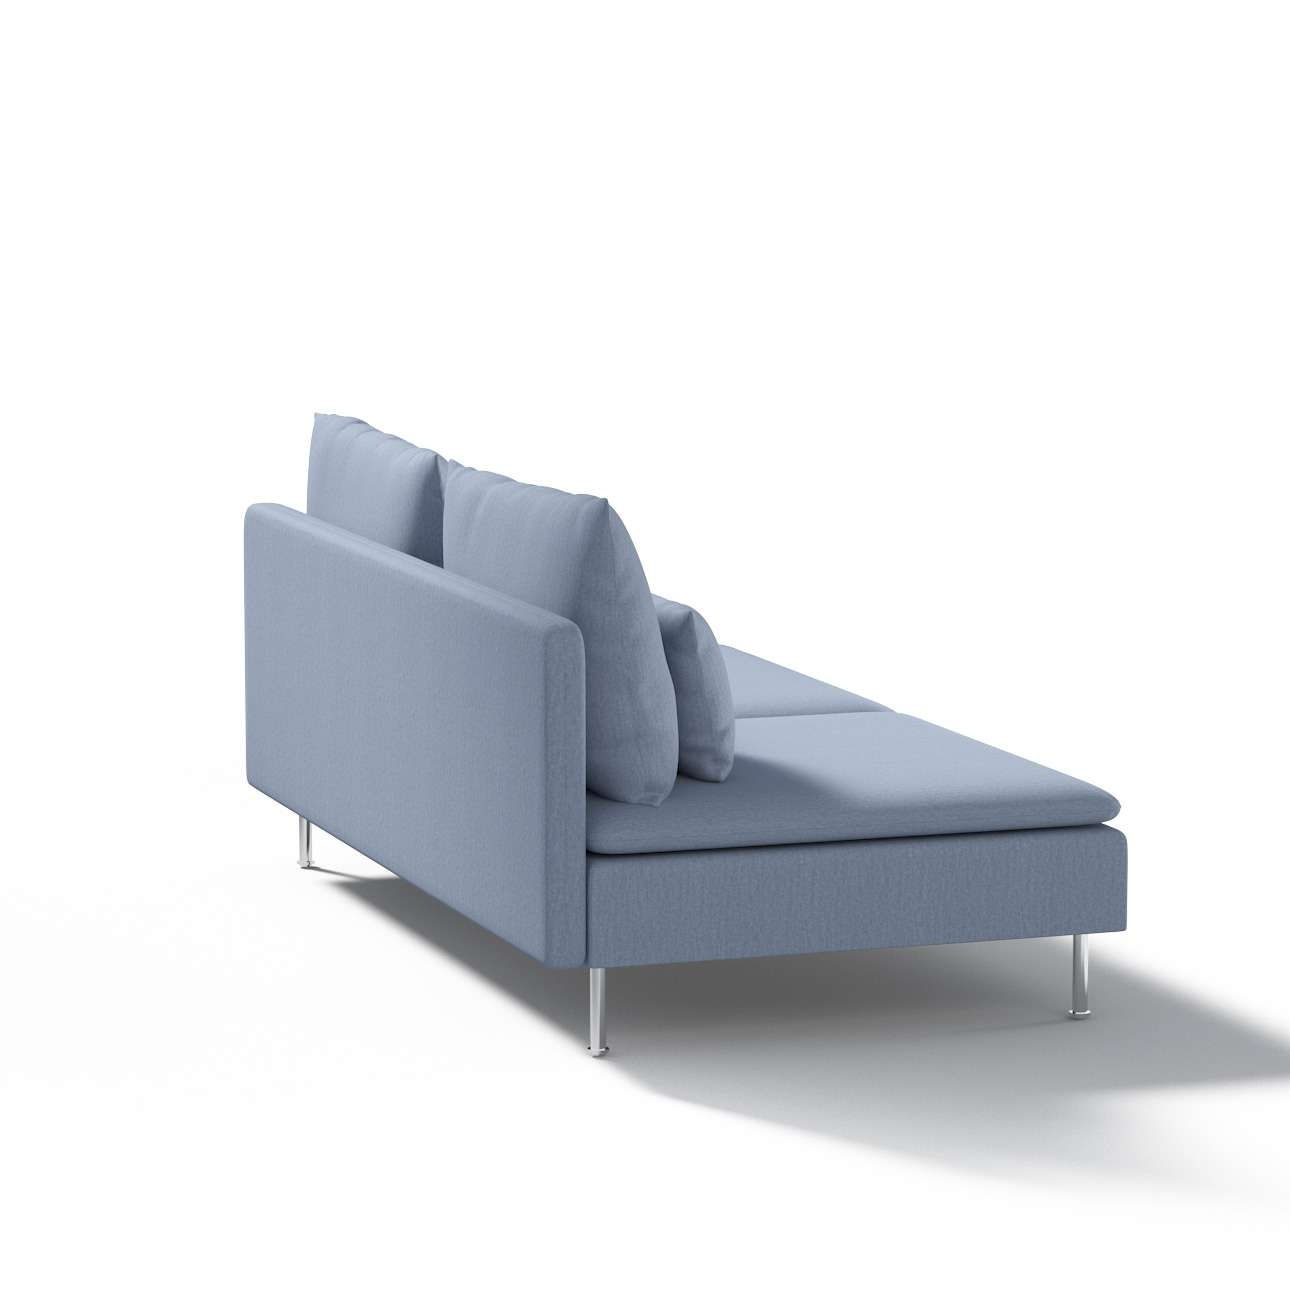 Ikea Söderhamn trivietei sofai užvalkalas Ikea Söderhamn moduliniai trivietei sofai užvalkalas kolekcijoje Chenille, audinys: 702-13